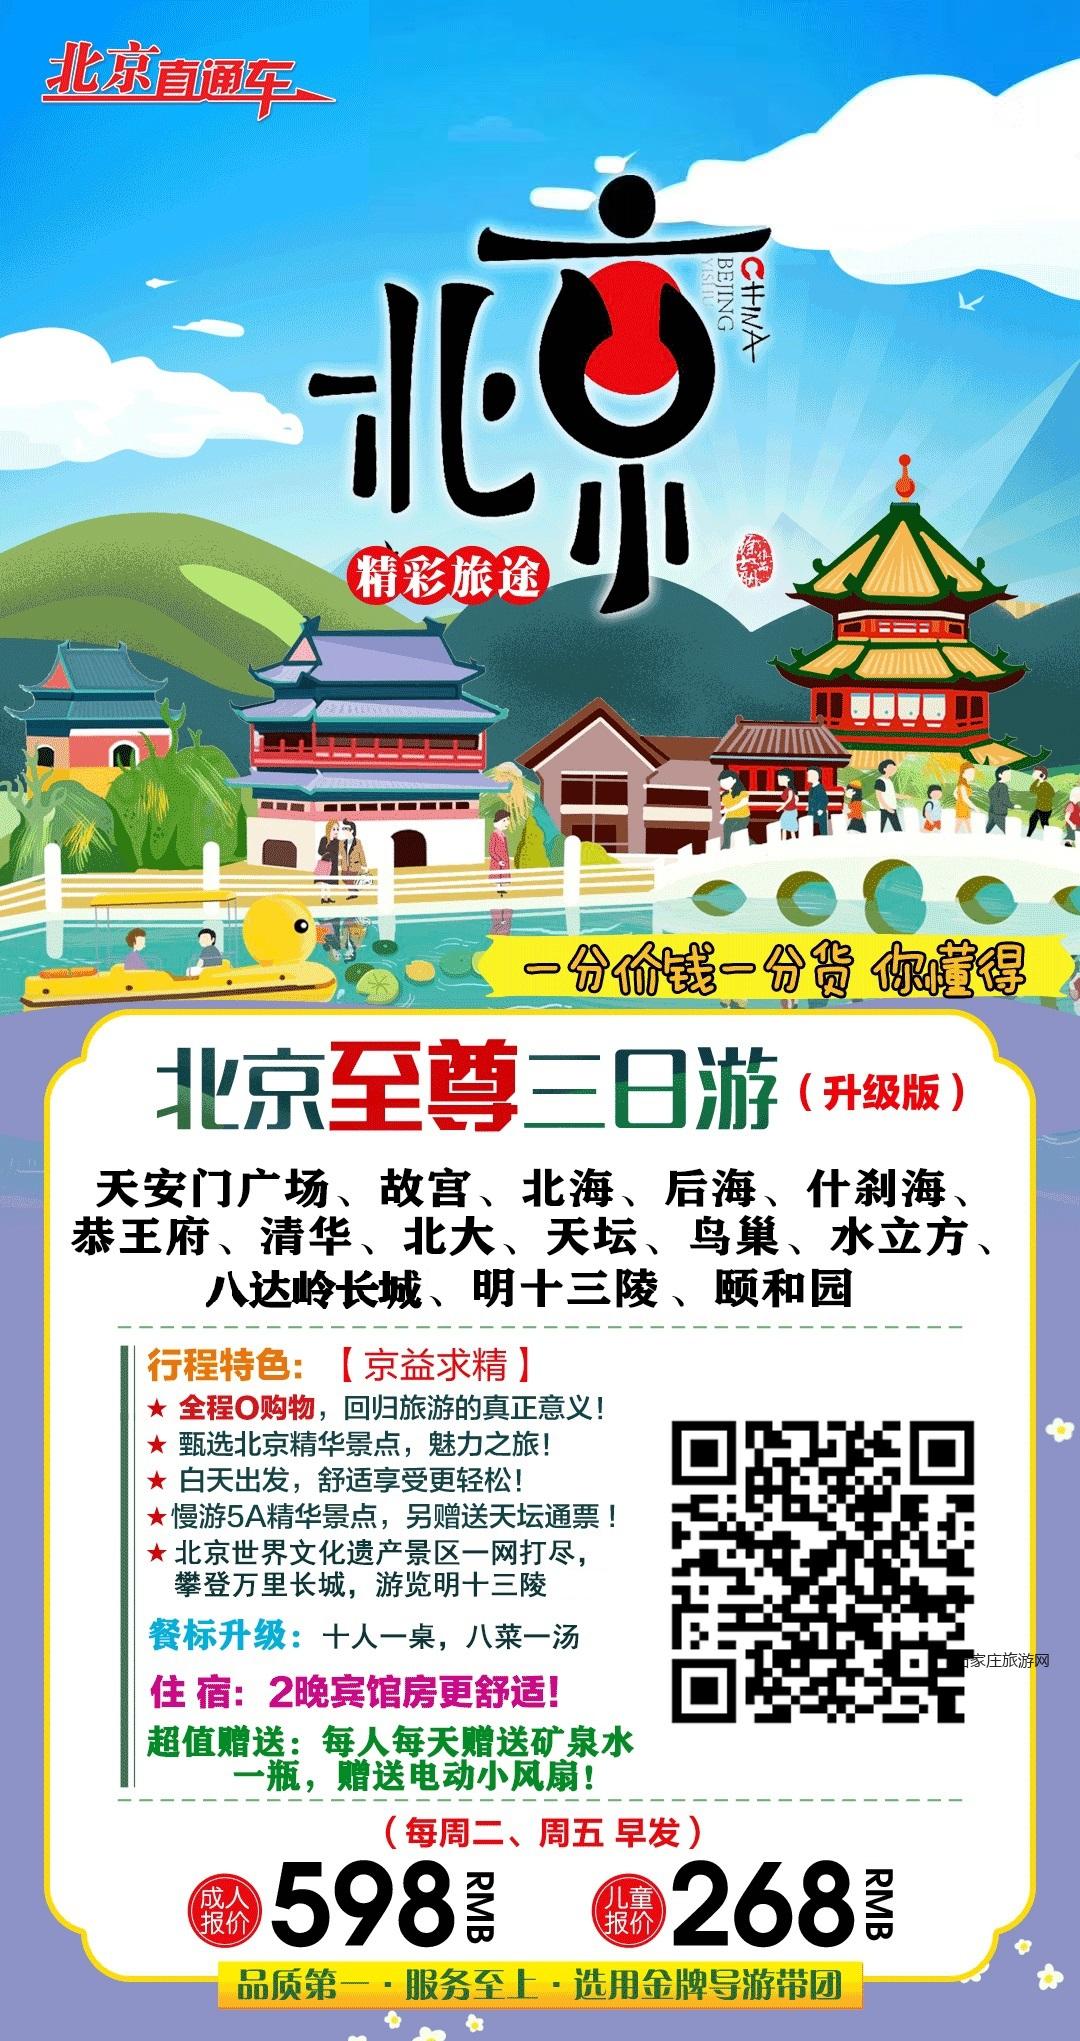 北京至尊三日游(无购物,升级版)